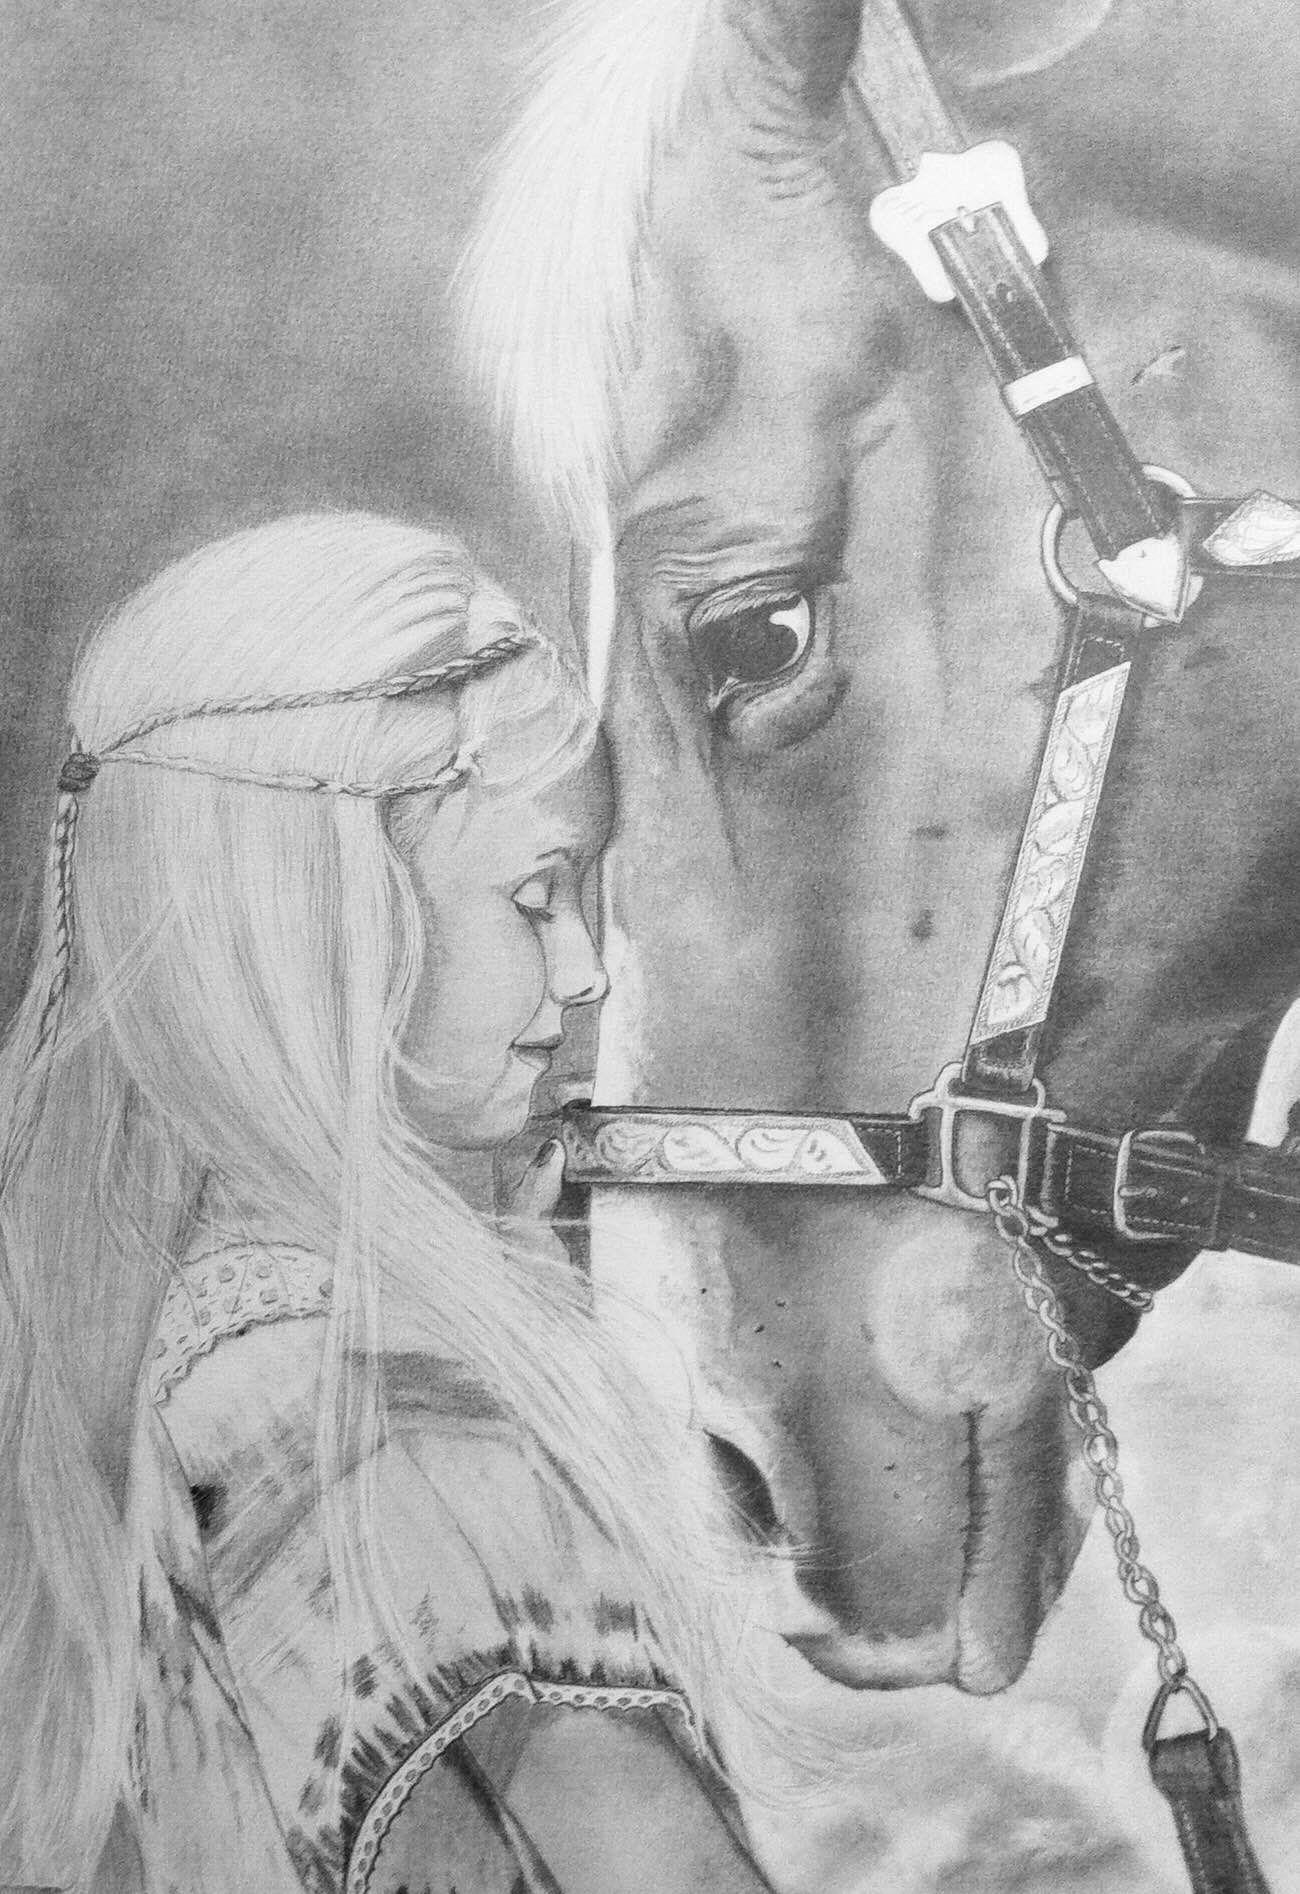 Pferd Zeichnen Bleistift Miriam Paulowitz Mirimaus 84 Instagram